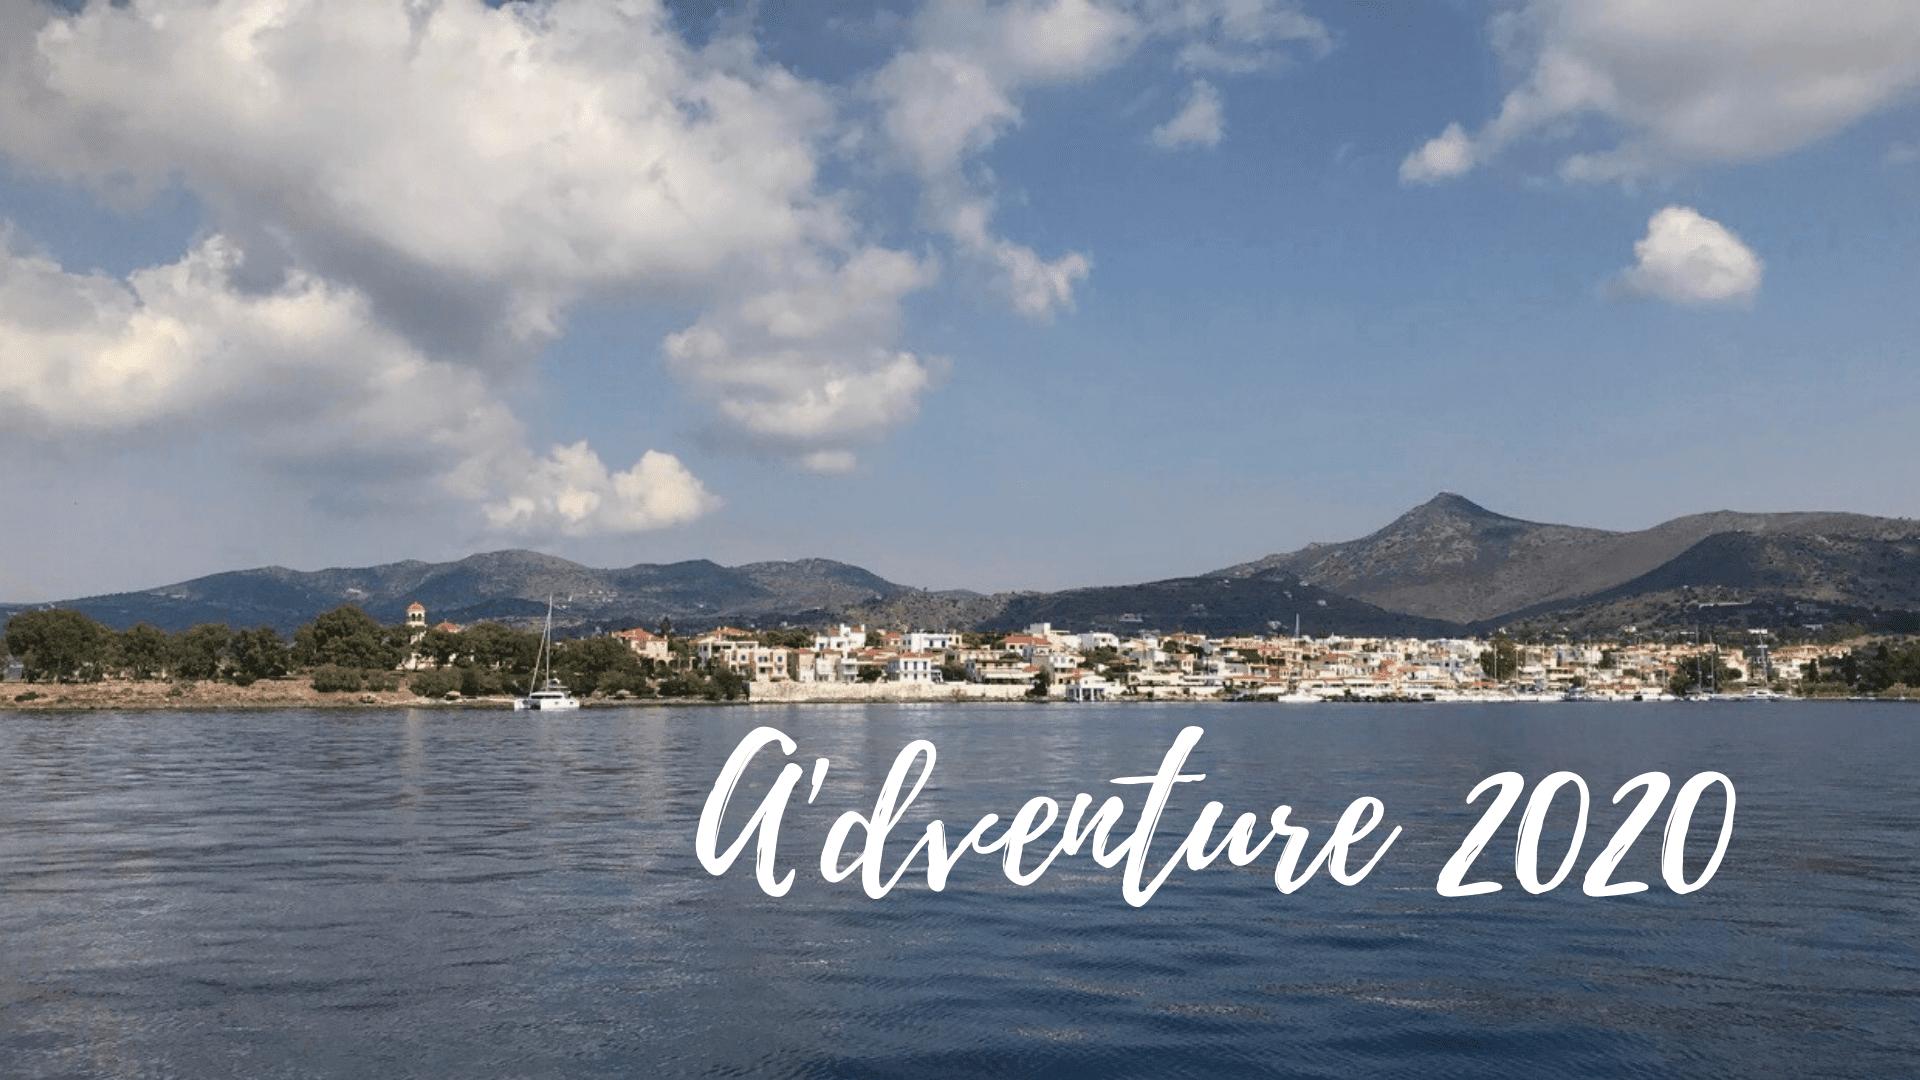 A'dventure 2020 – Purjehdusseikkailu Kreikkaan